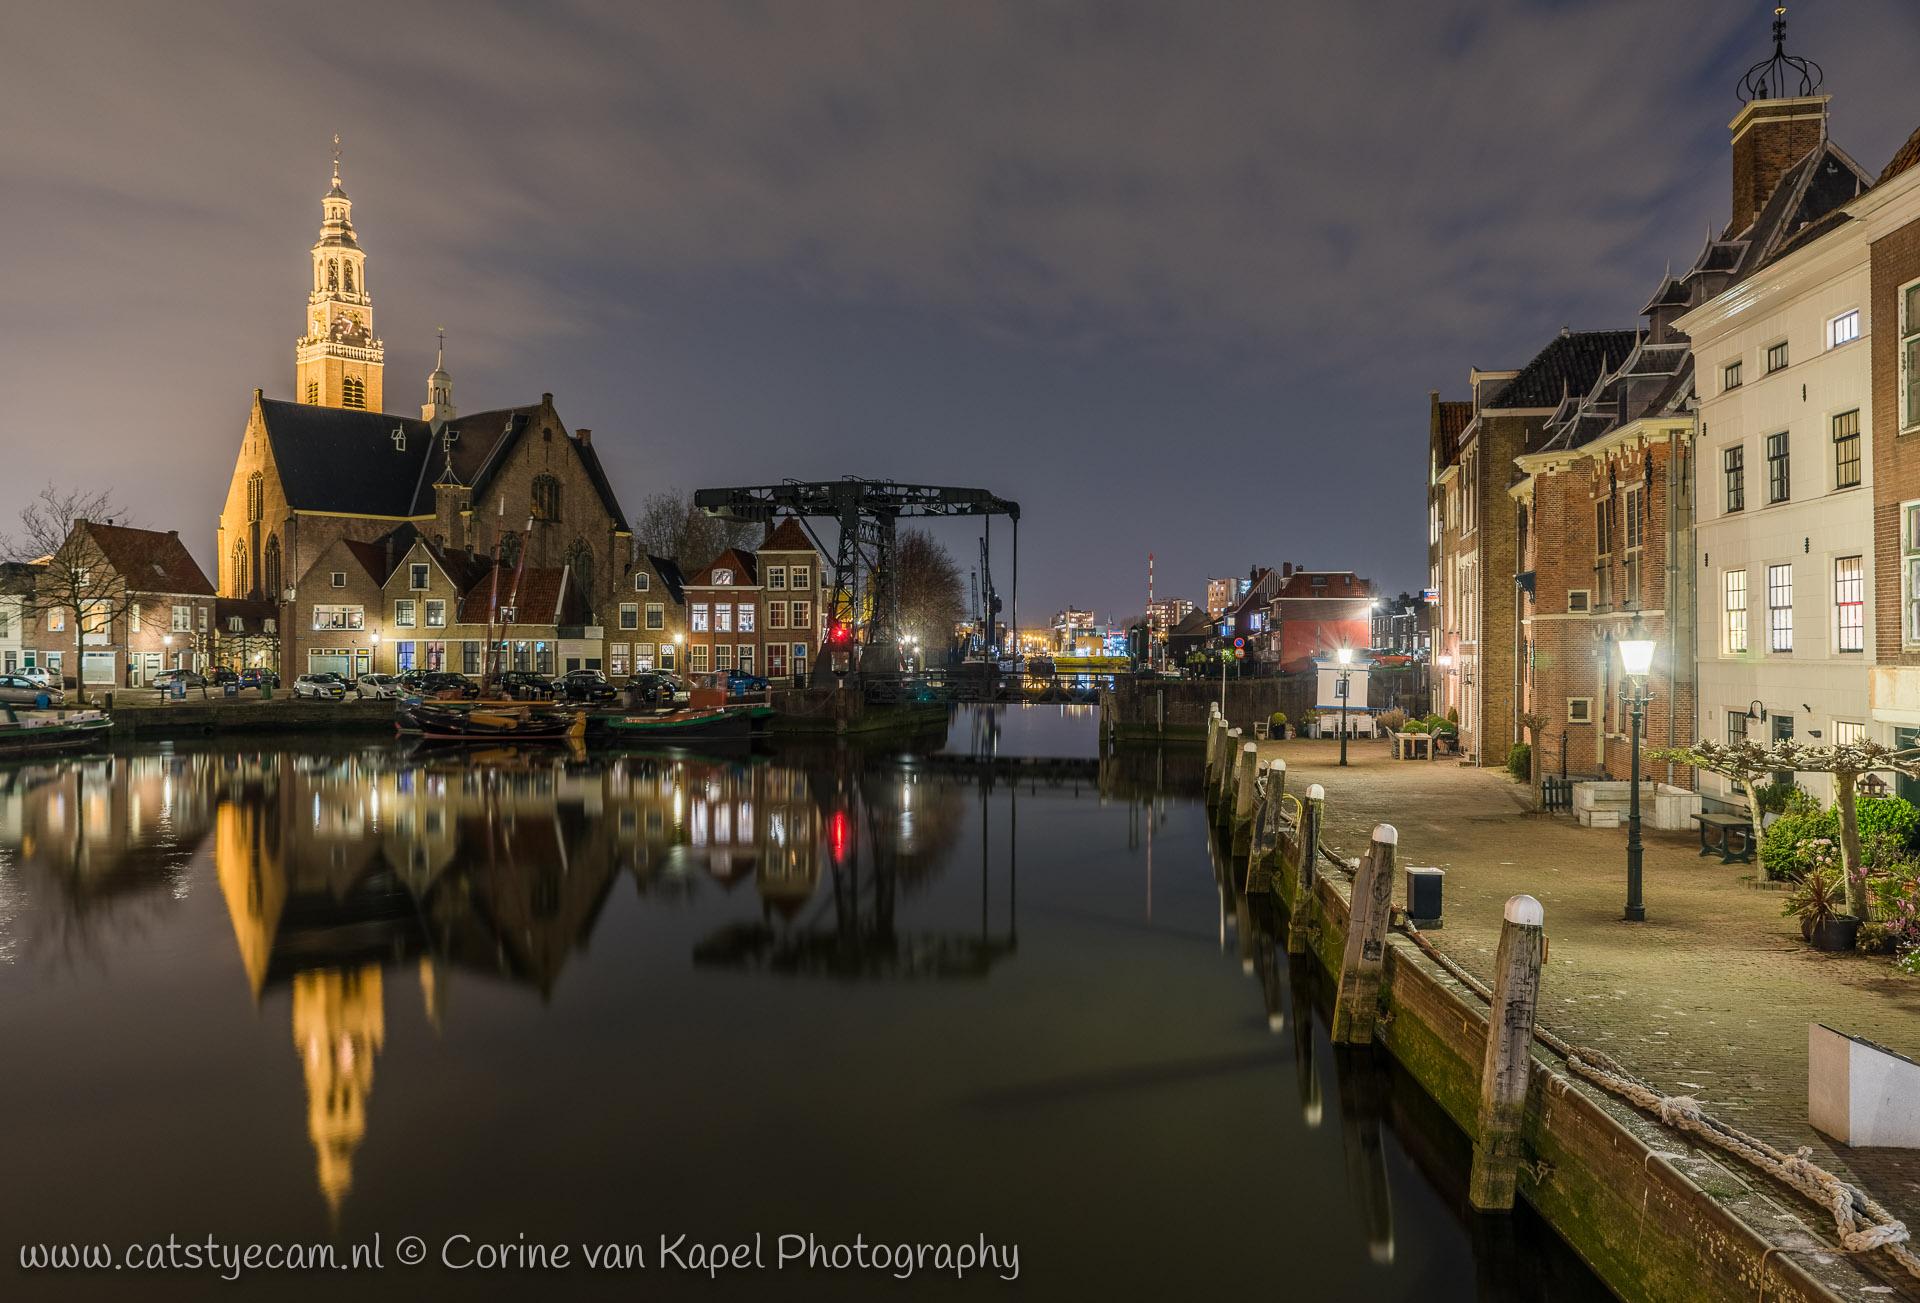 De haven van Maassluis bij nacht